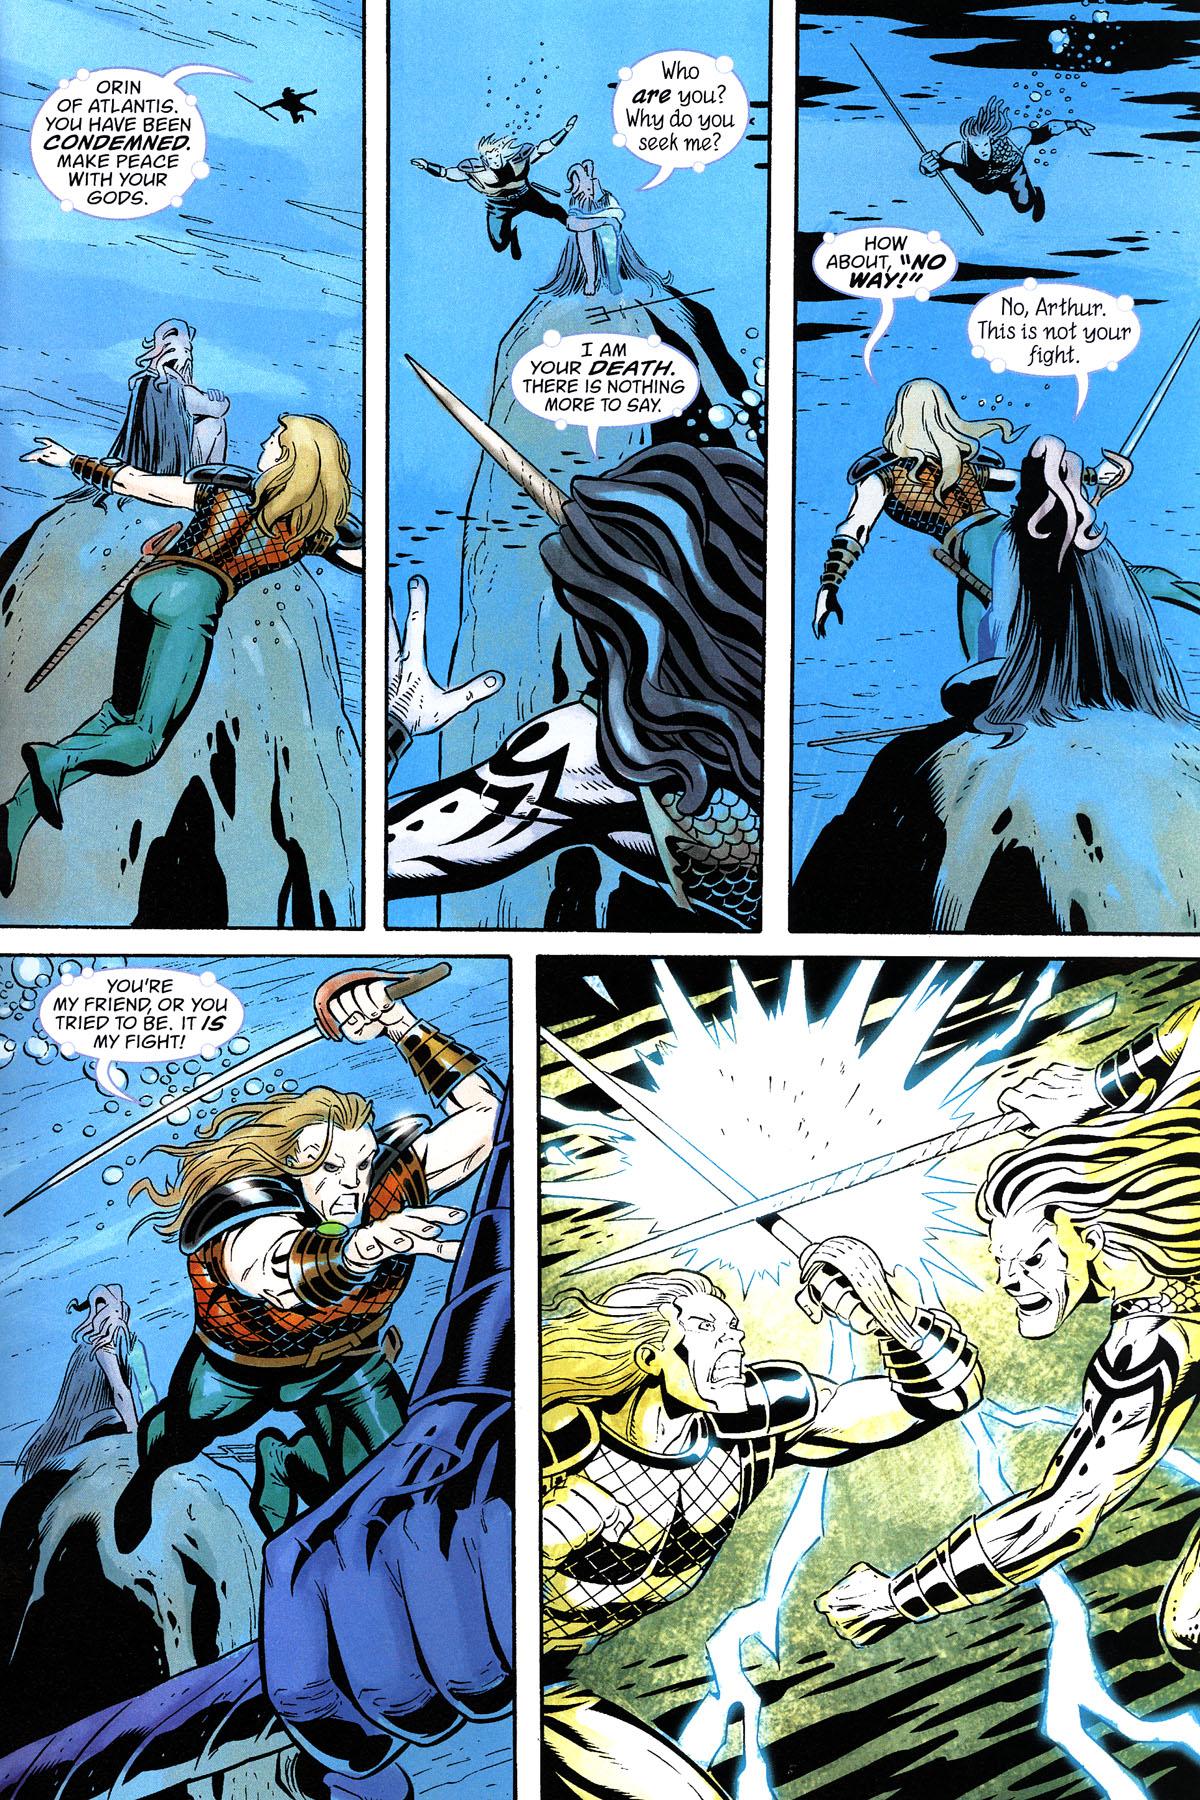 Read online Aquaman: Sword of Atlantis comic -  Issue #50 - 35